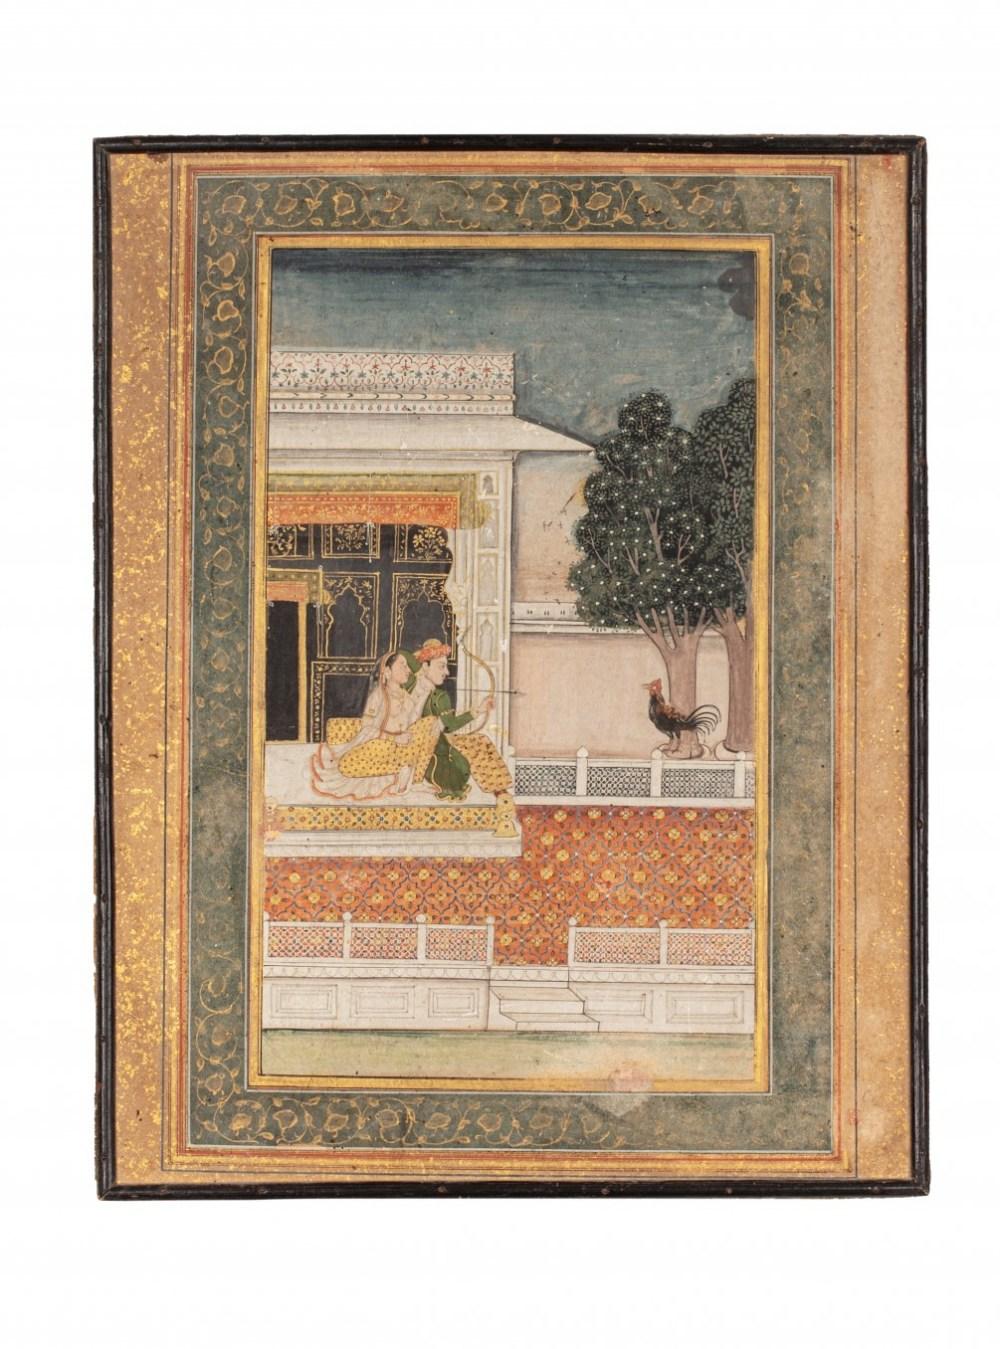 Scène GalanteInde, Seconde moitié du XVIIIe siècleGouache rehaussée d'or sur papier contrecollé